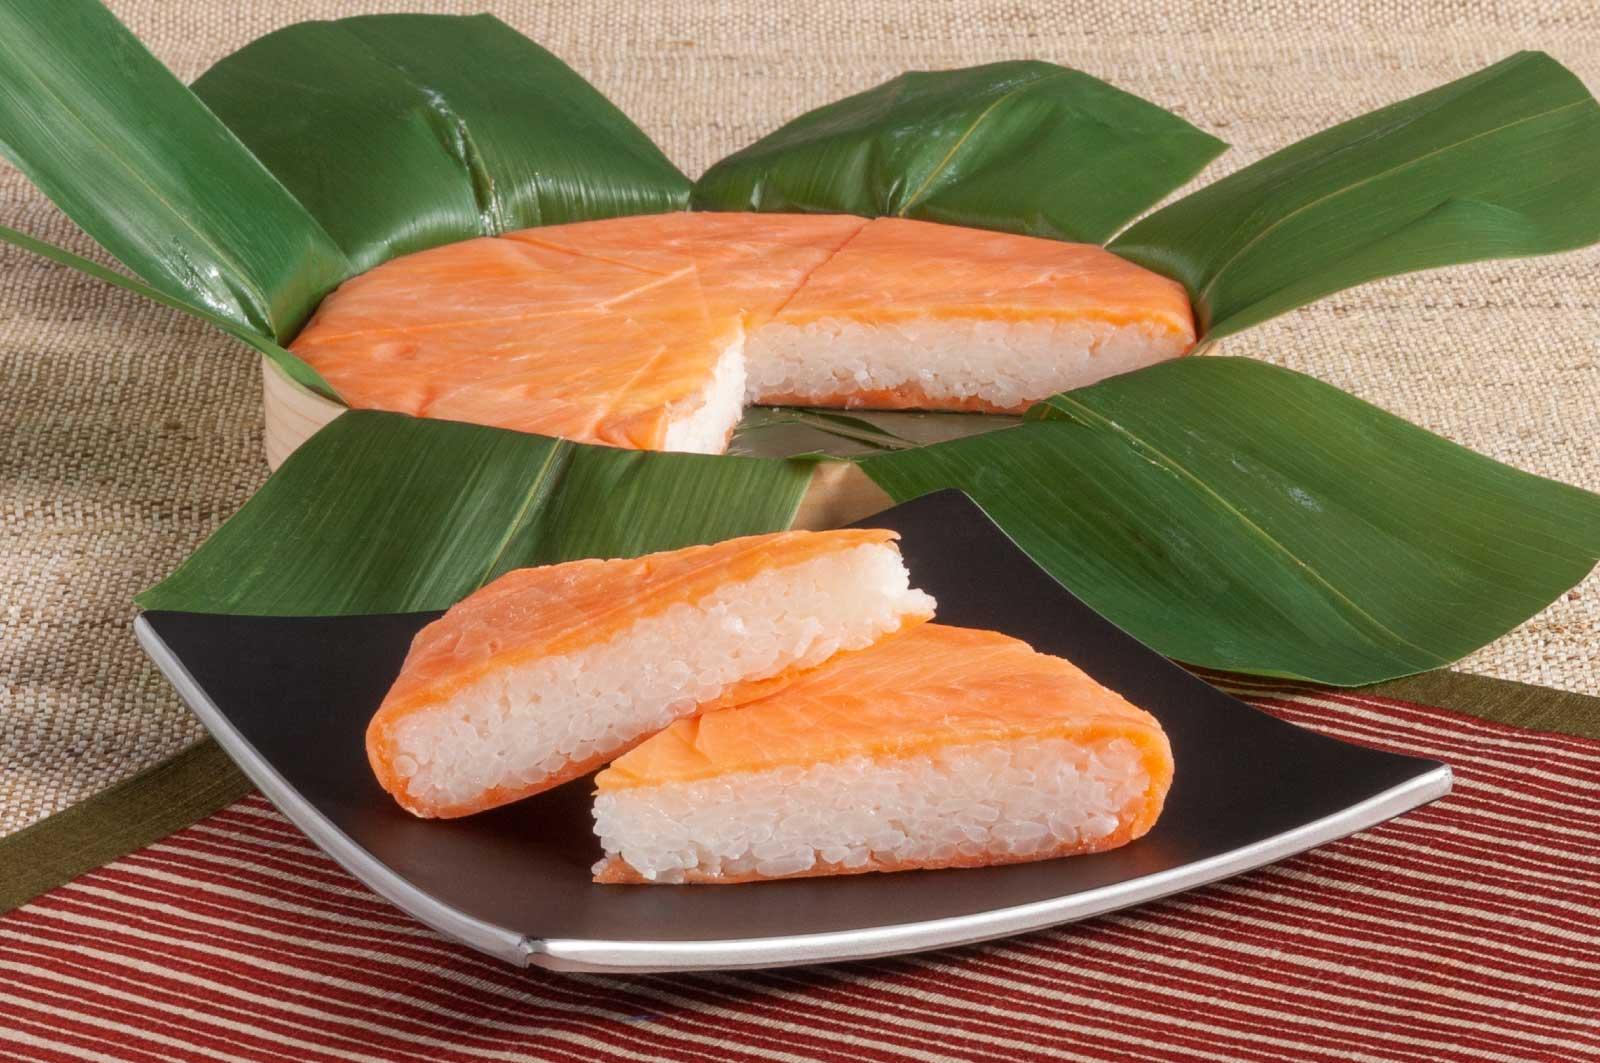 富山には、そんな昔ながらの製法でます寿司を作り続けるお店がいくつか